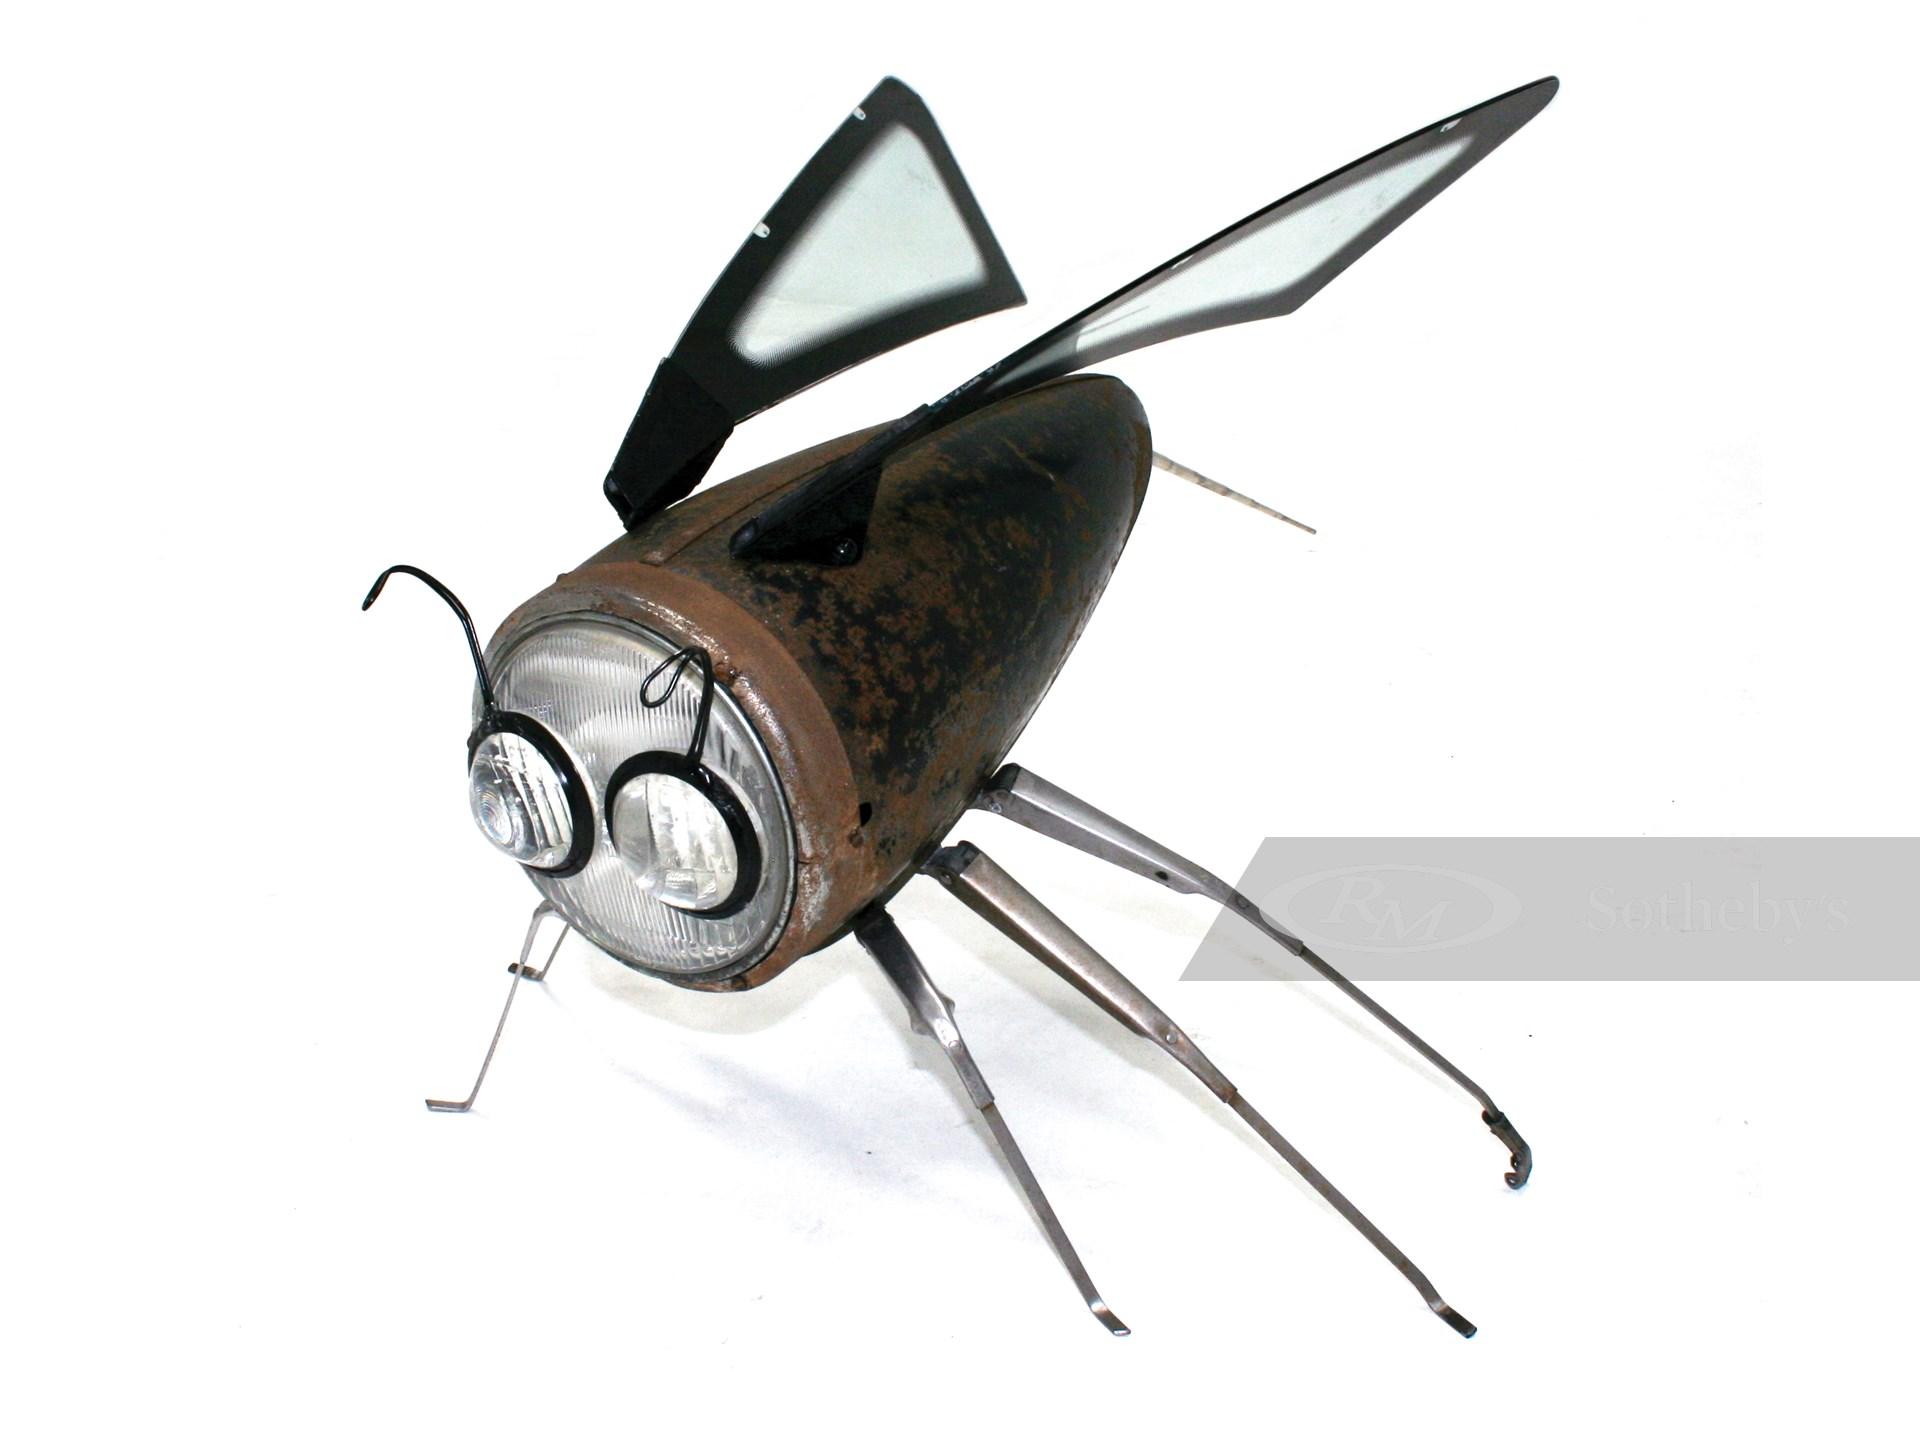 Headlight Hornet by Terry & Elaine Lawrie -